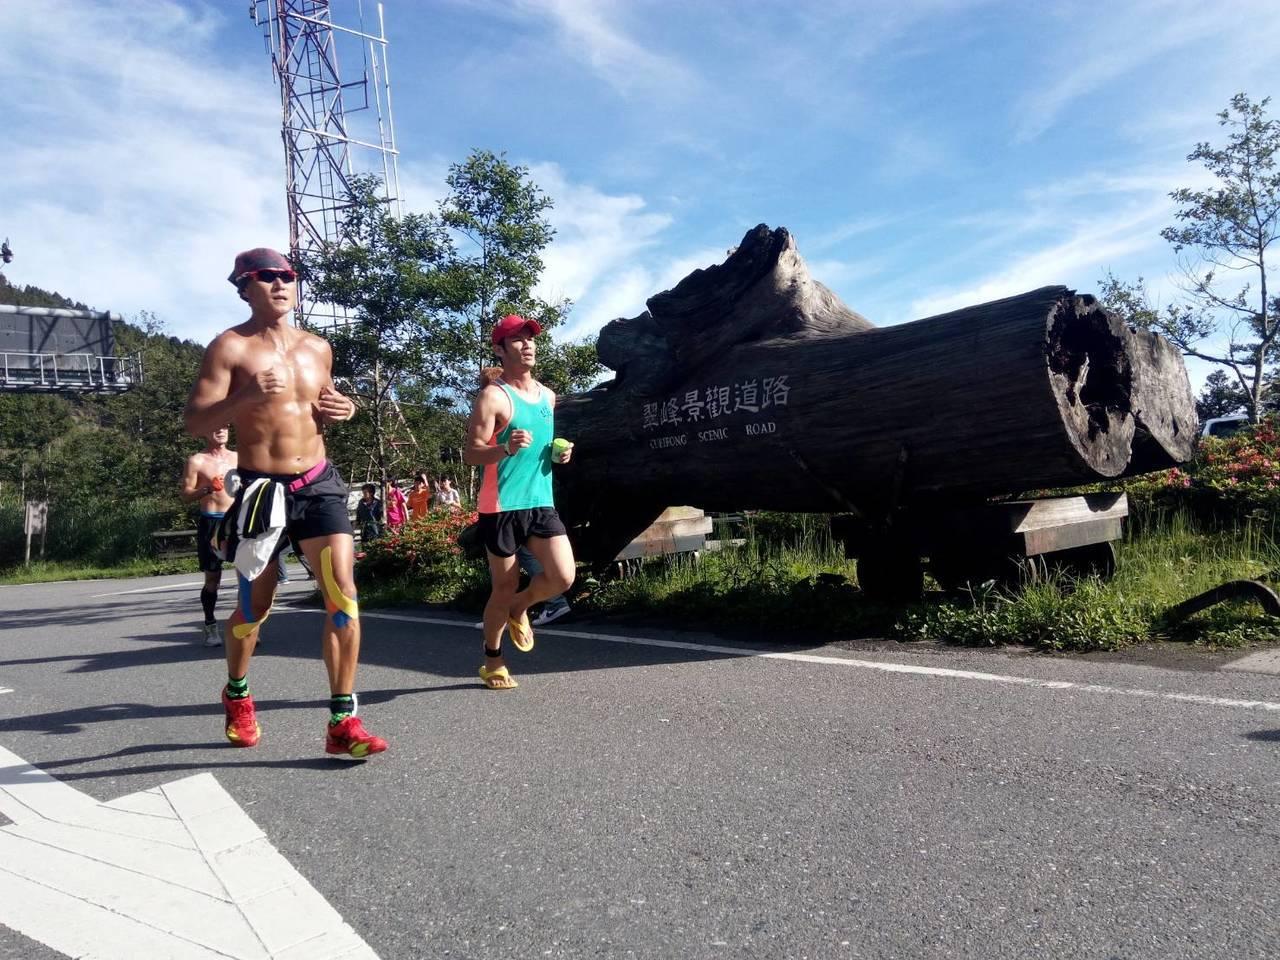 宜蘭縣太平山國家森林遊樂區在今年上半年將舉辦「2019鐵騎探索太平山」及「201...